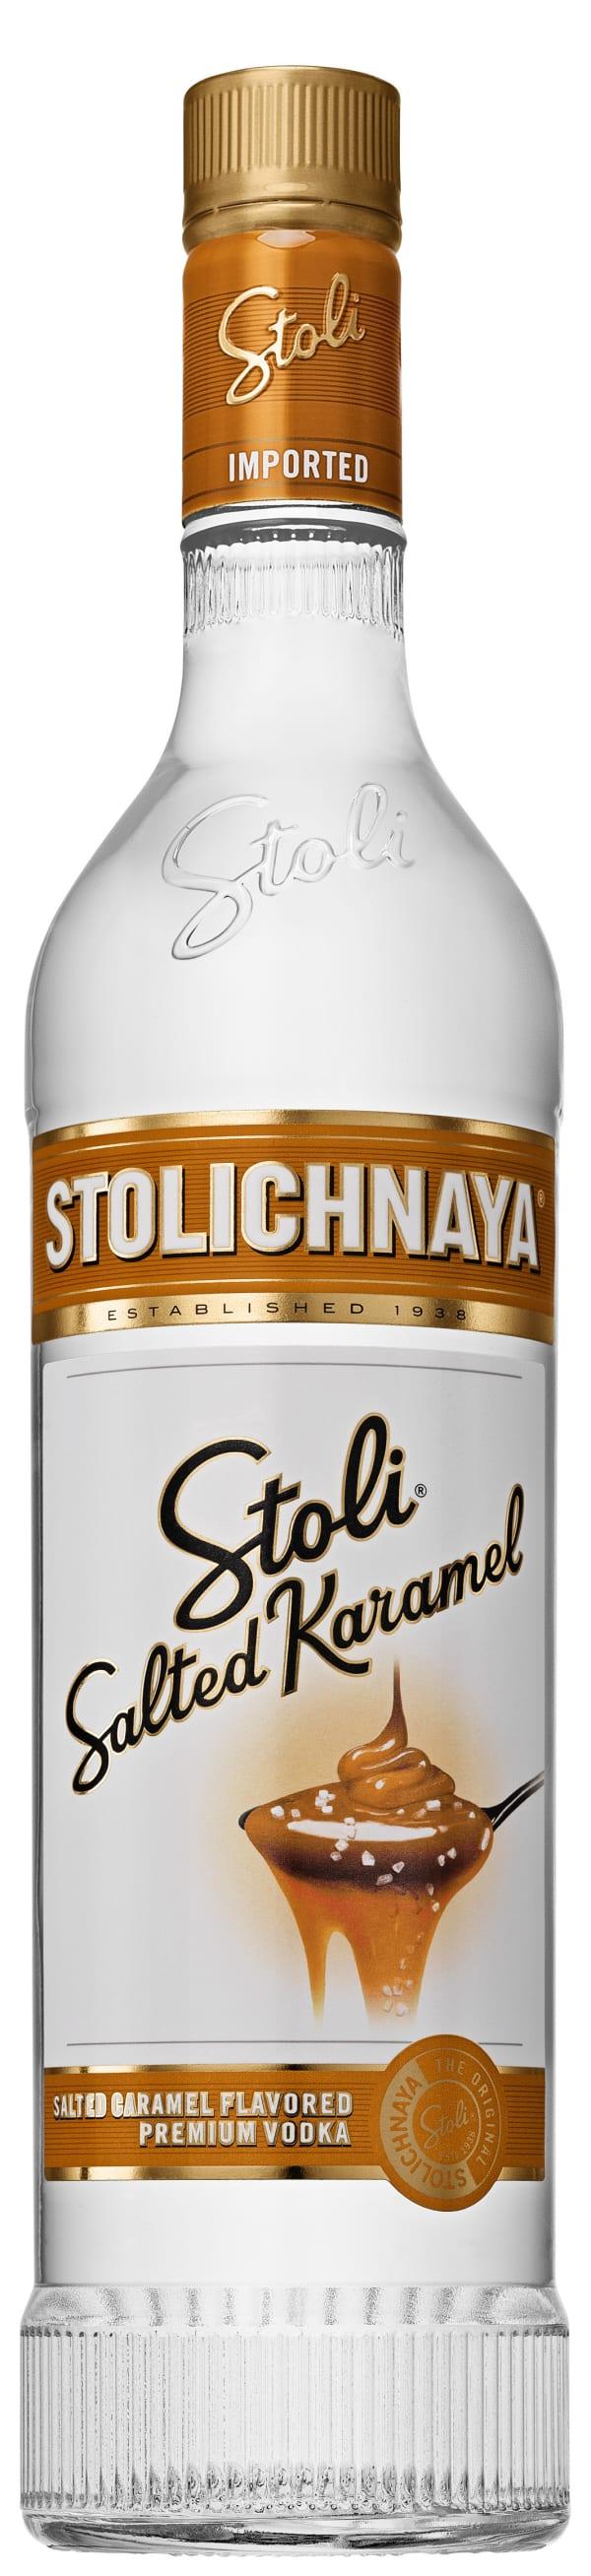 Stolichnaya Salted Karamel